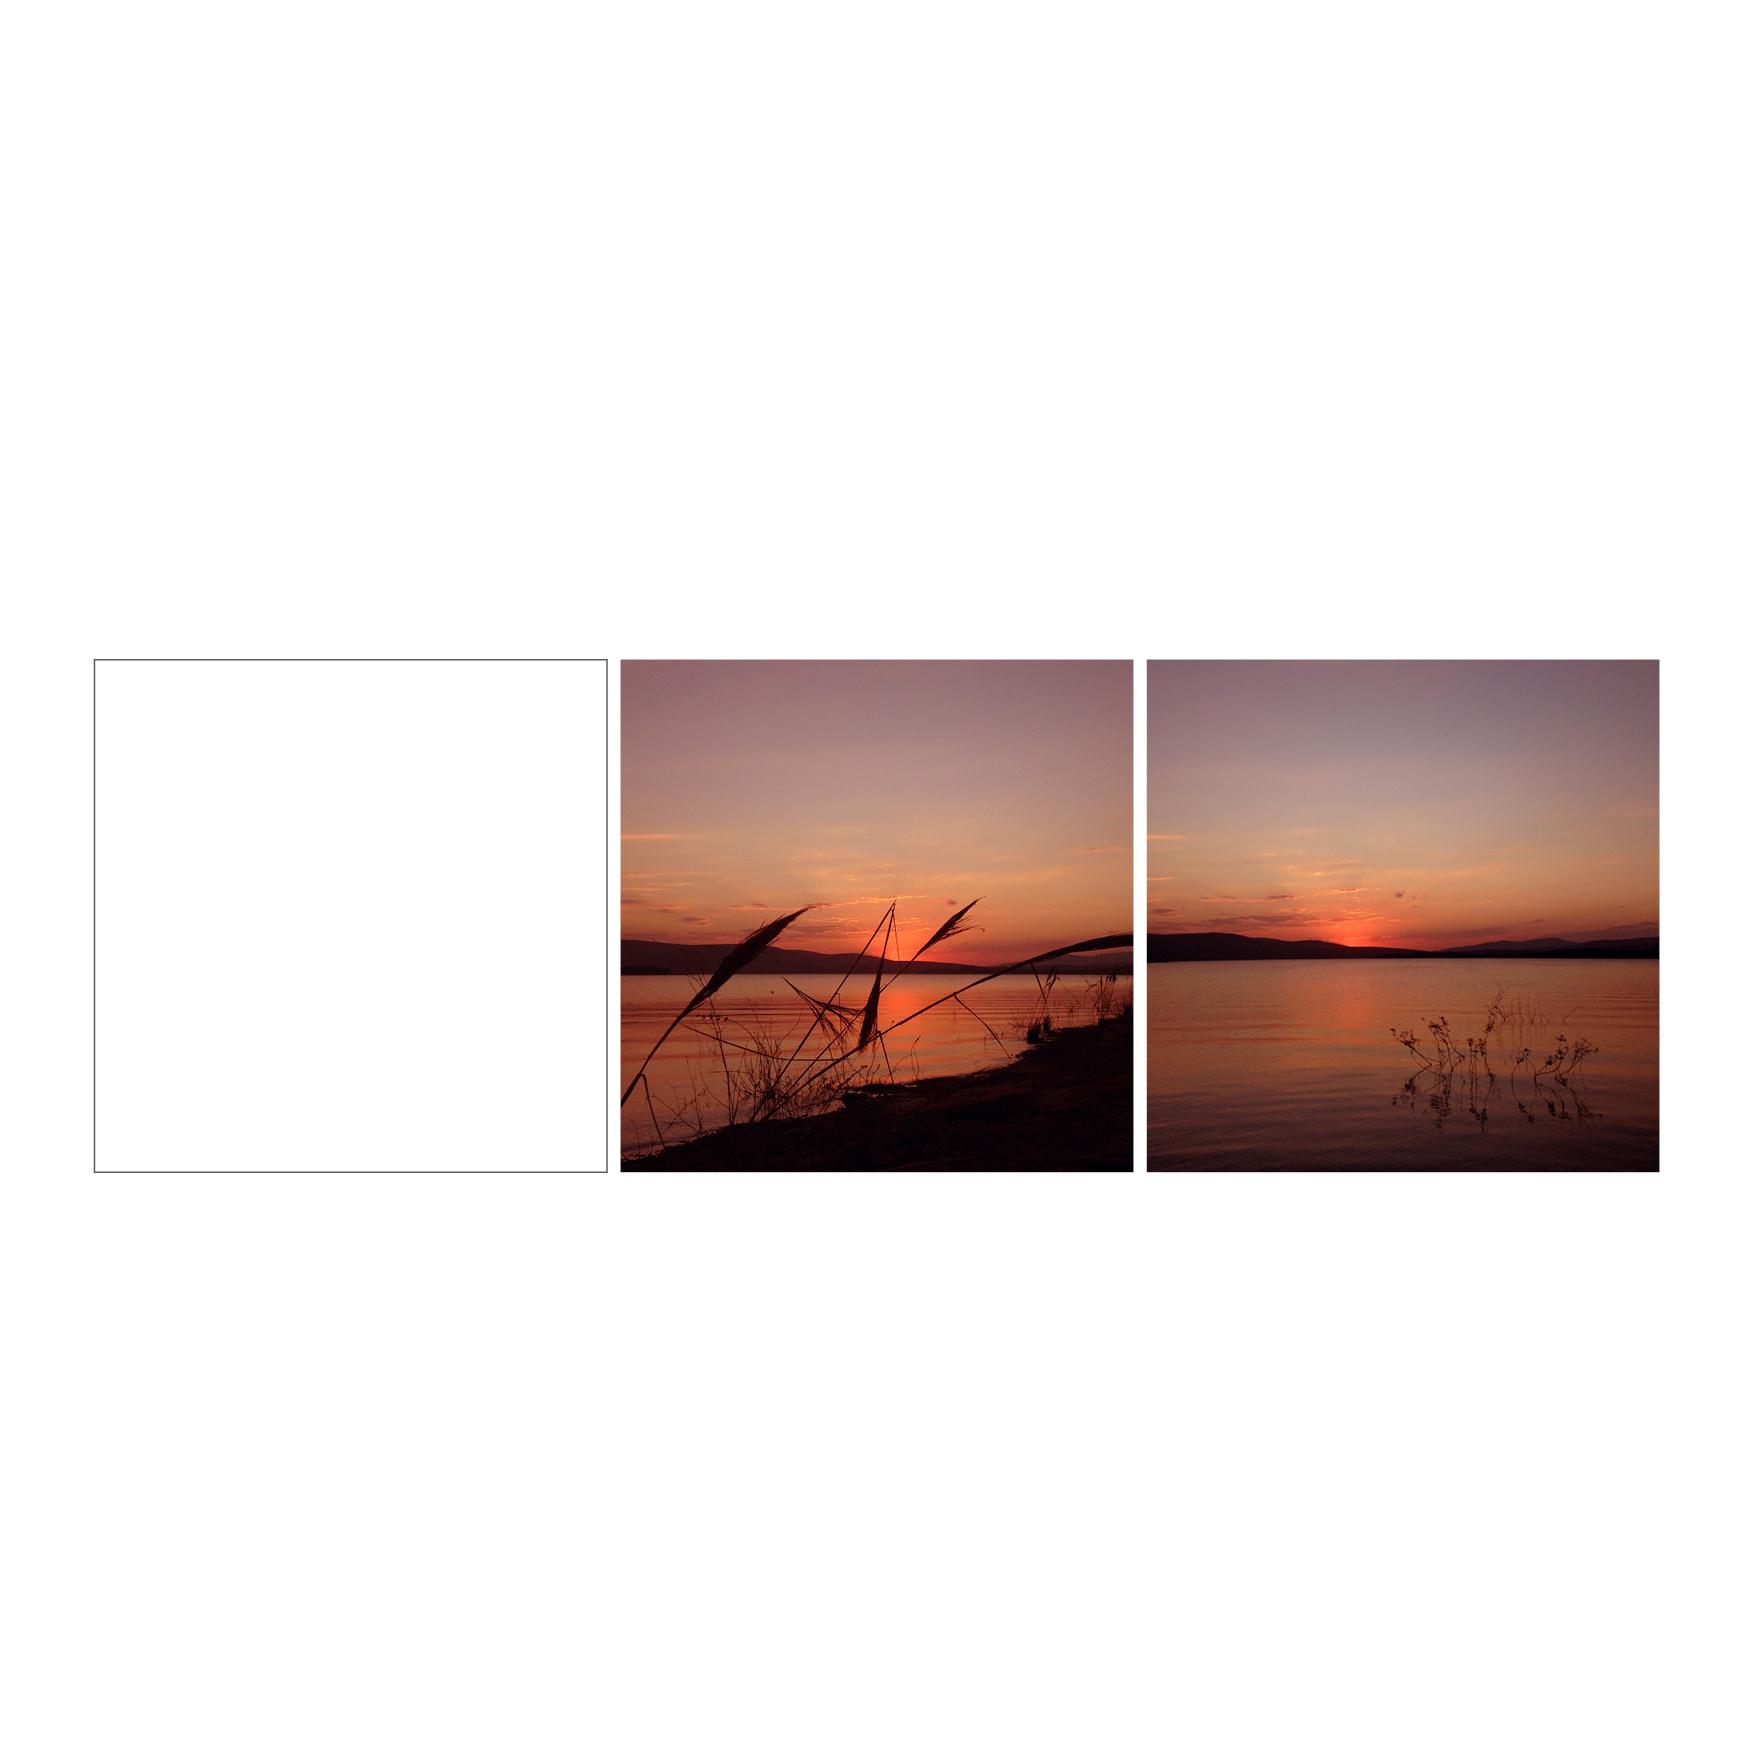 série_quadrados_27